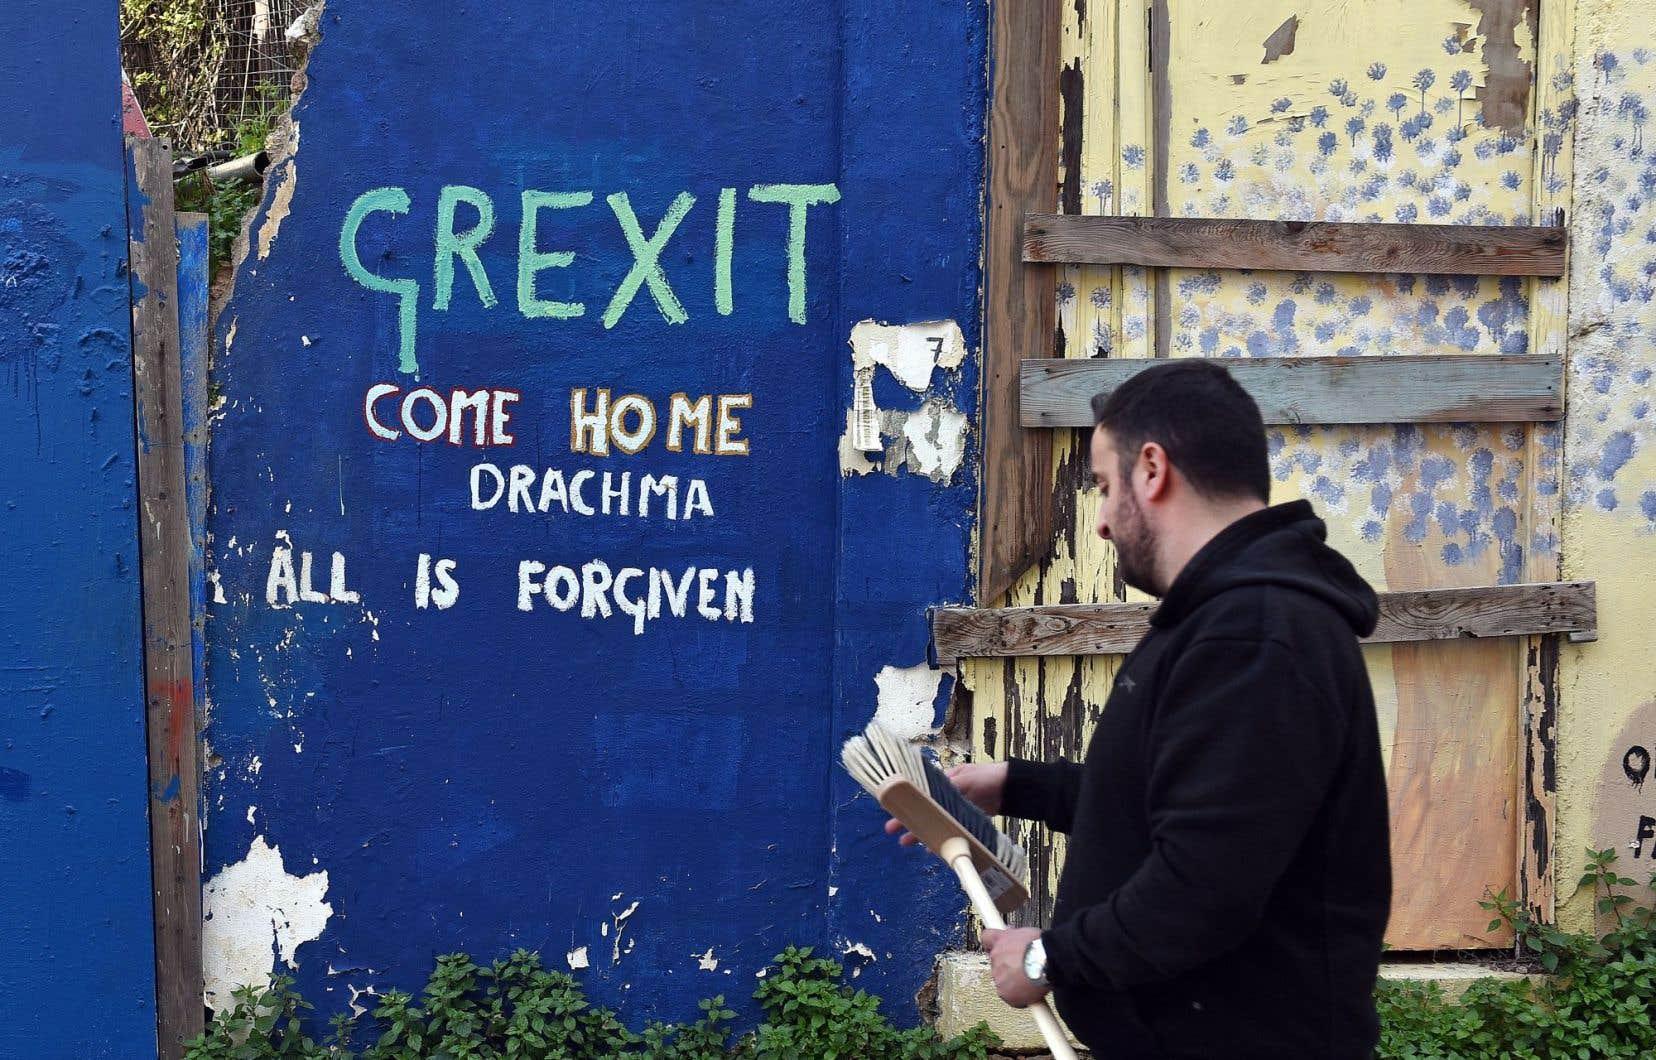 À Athènes, un slogan contre les concessions peint sur un mur